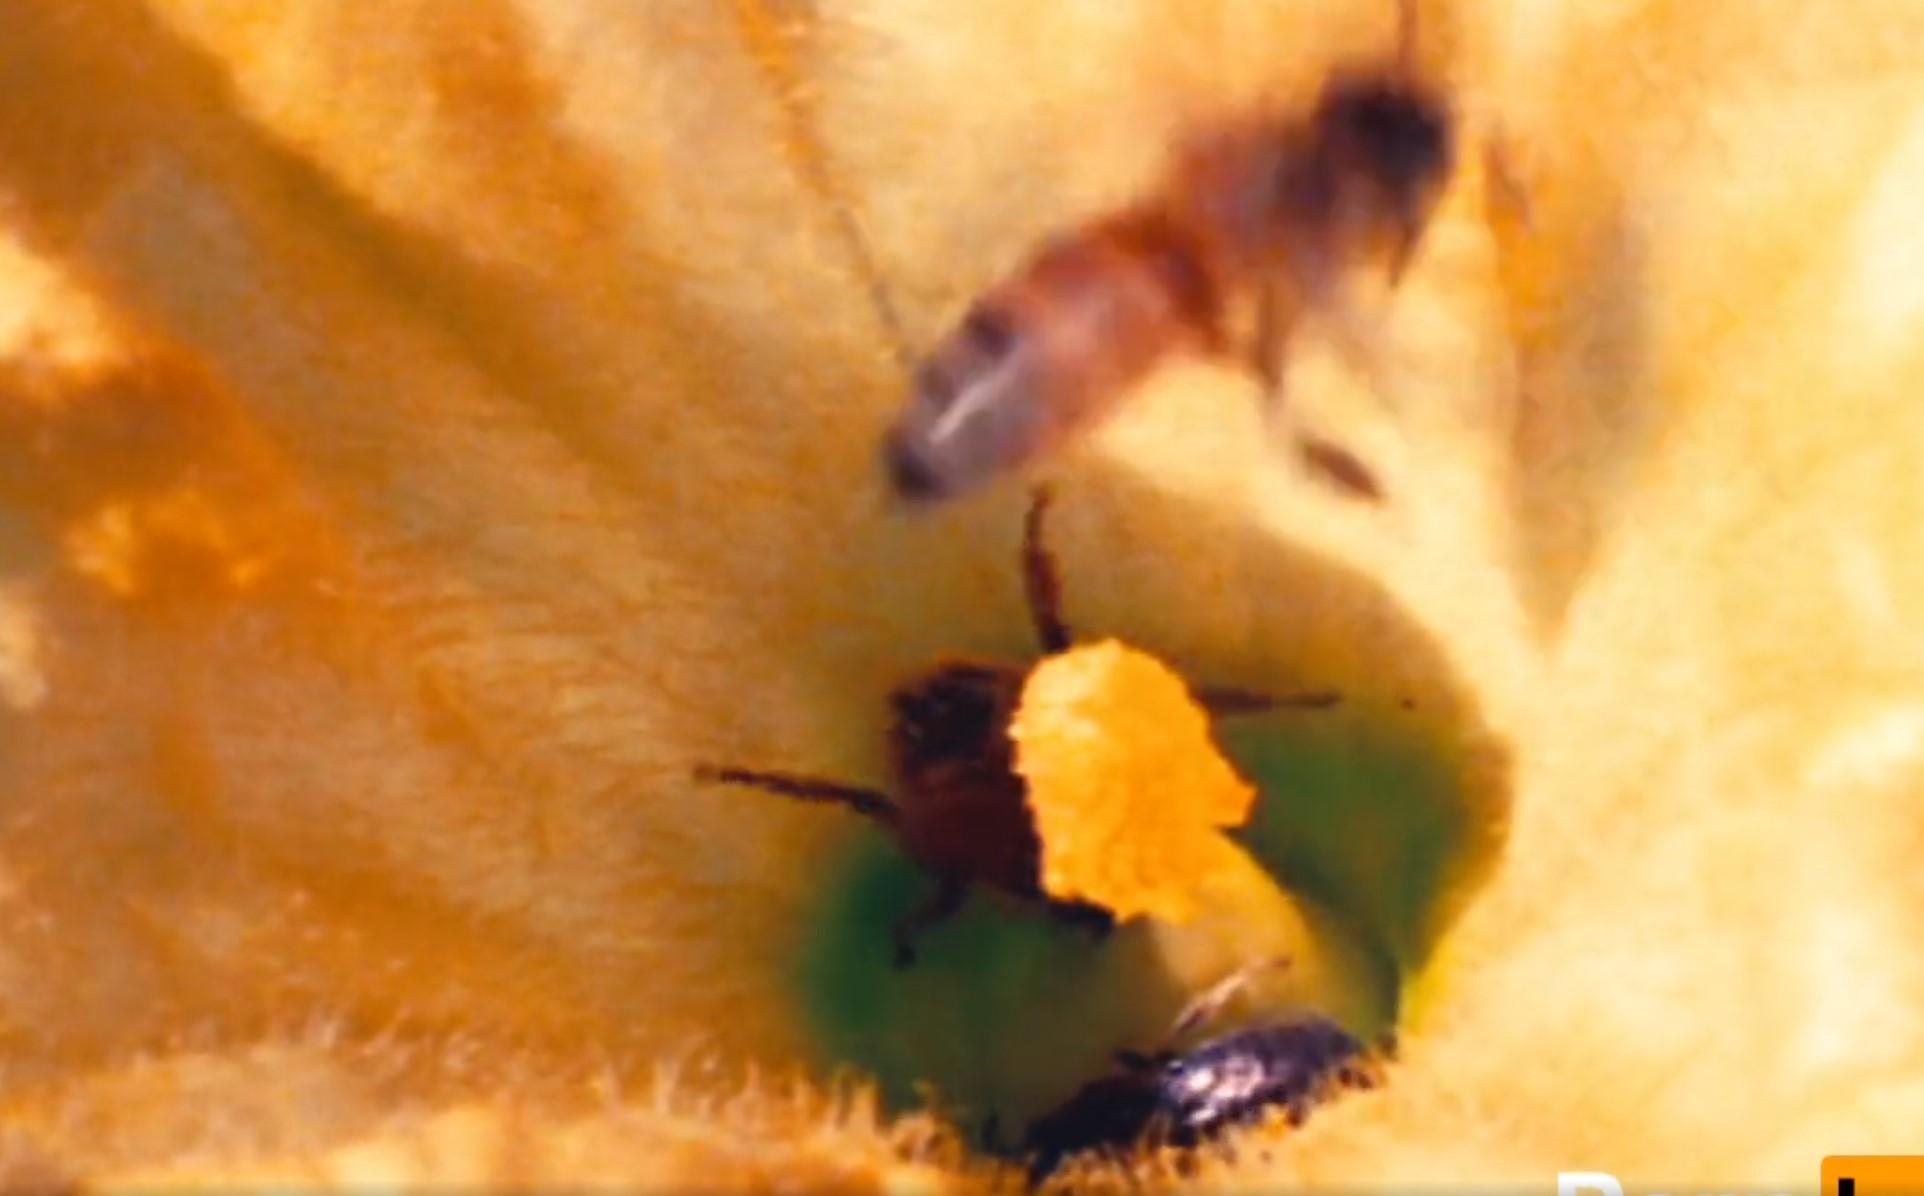 Beesexual - akcja an ratunek pszczołom